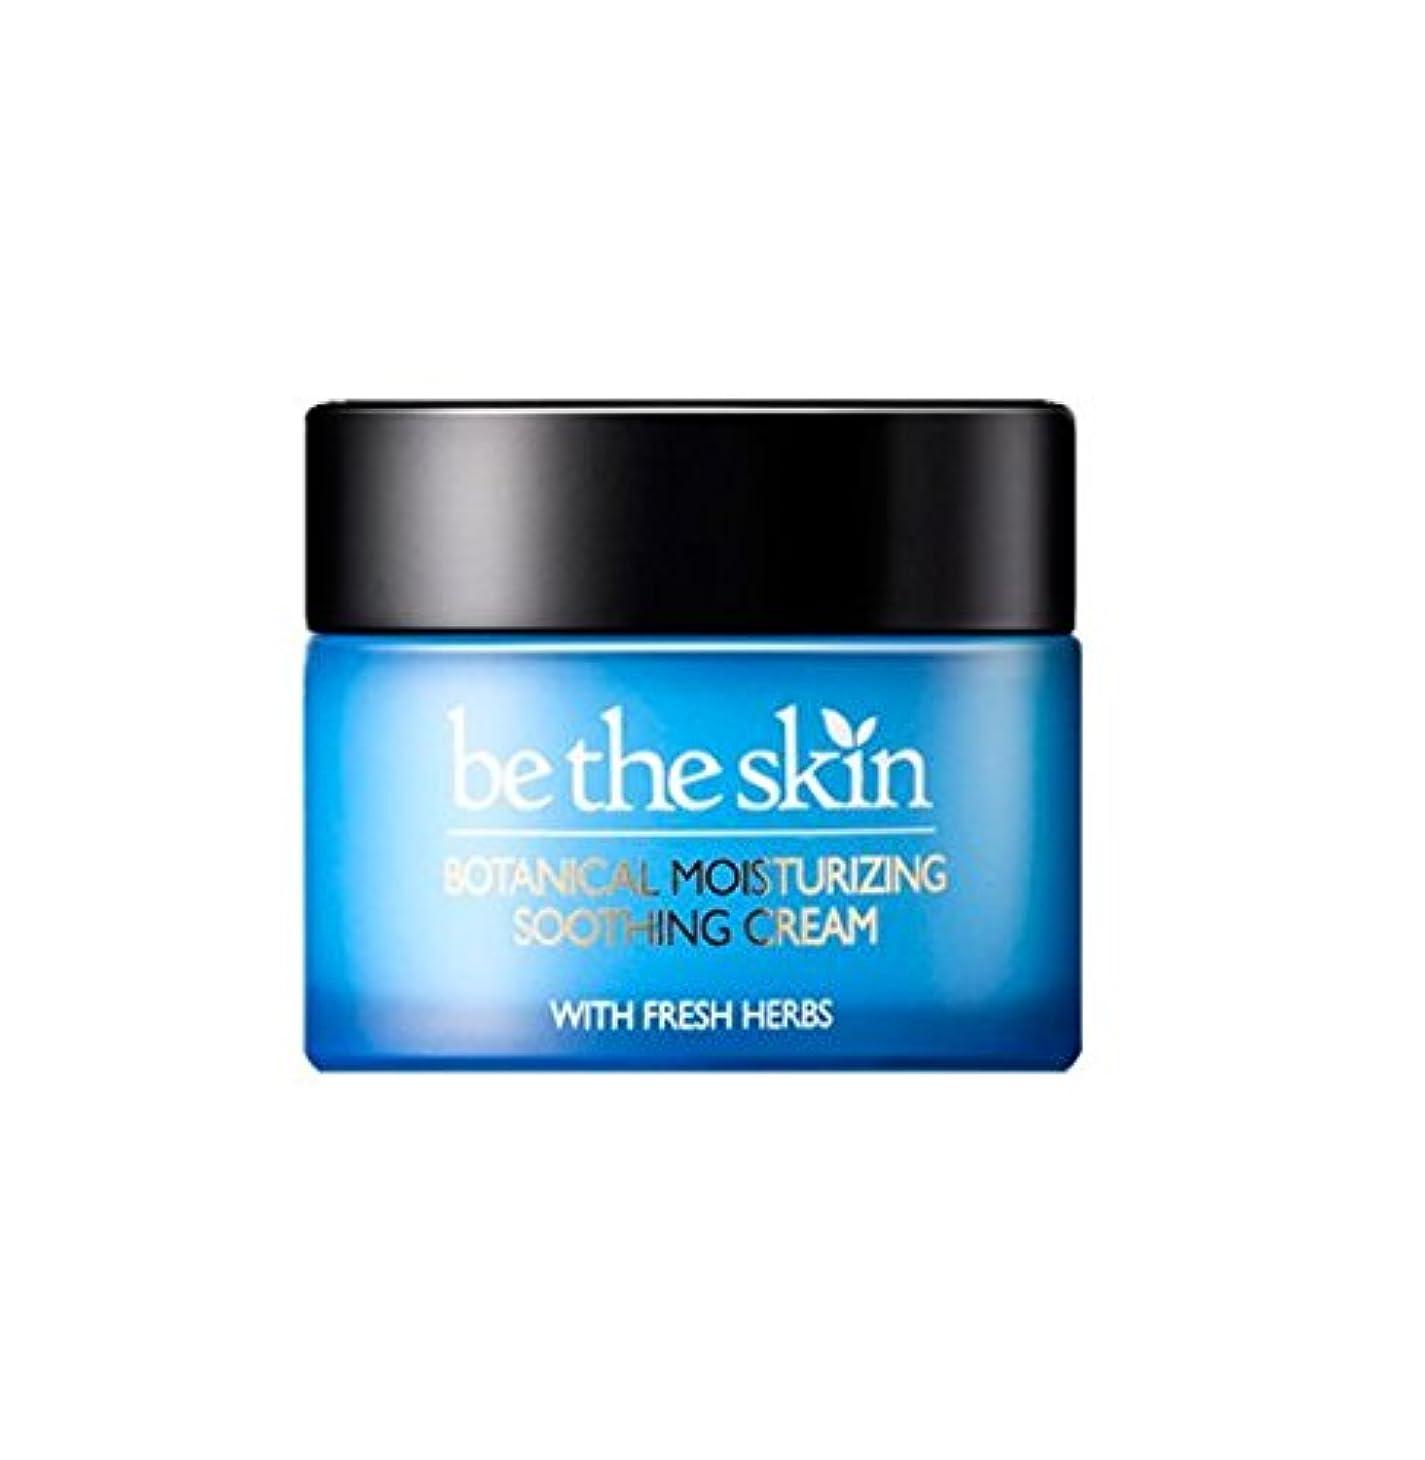 海峡ピービッシュパズルBe the Skin ボタニカル モイスチャライジング スージングクリーム / Botanical Moisturizing Soothing Cream (50ml) [並行輸入品]